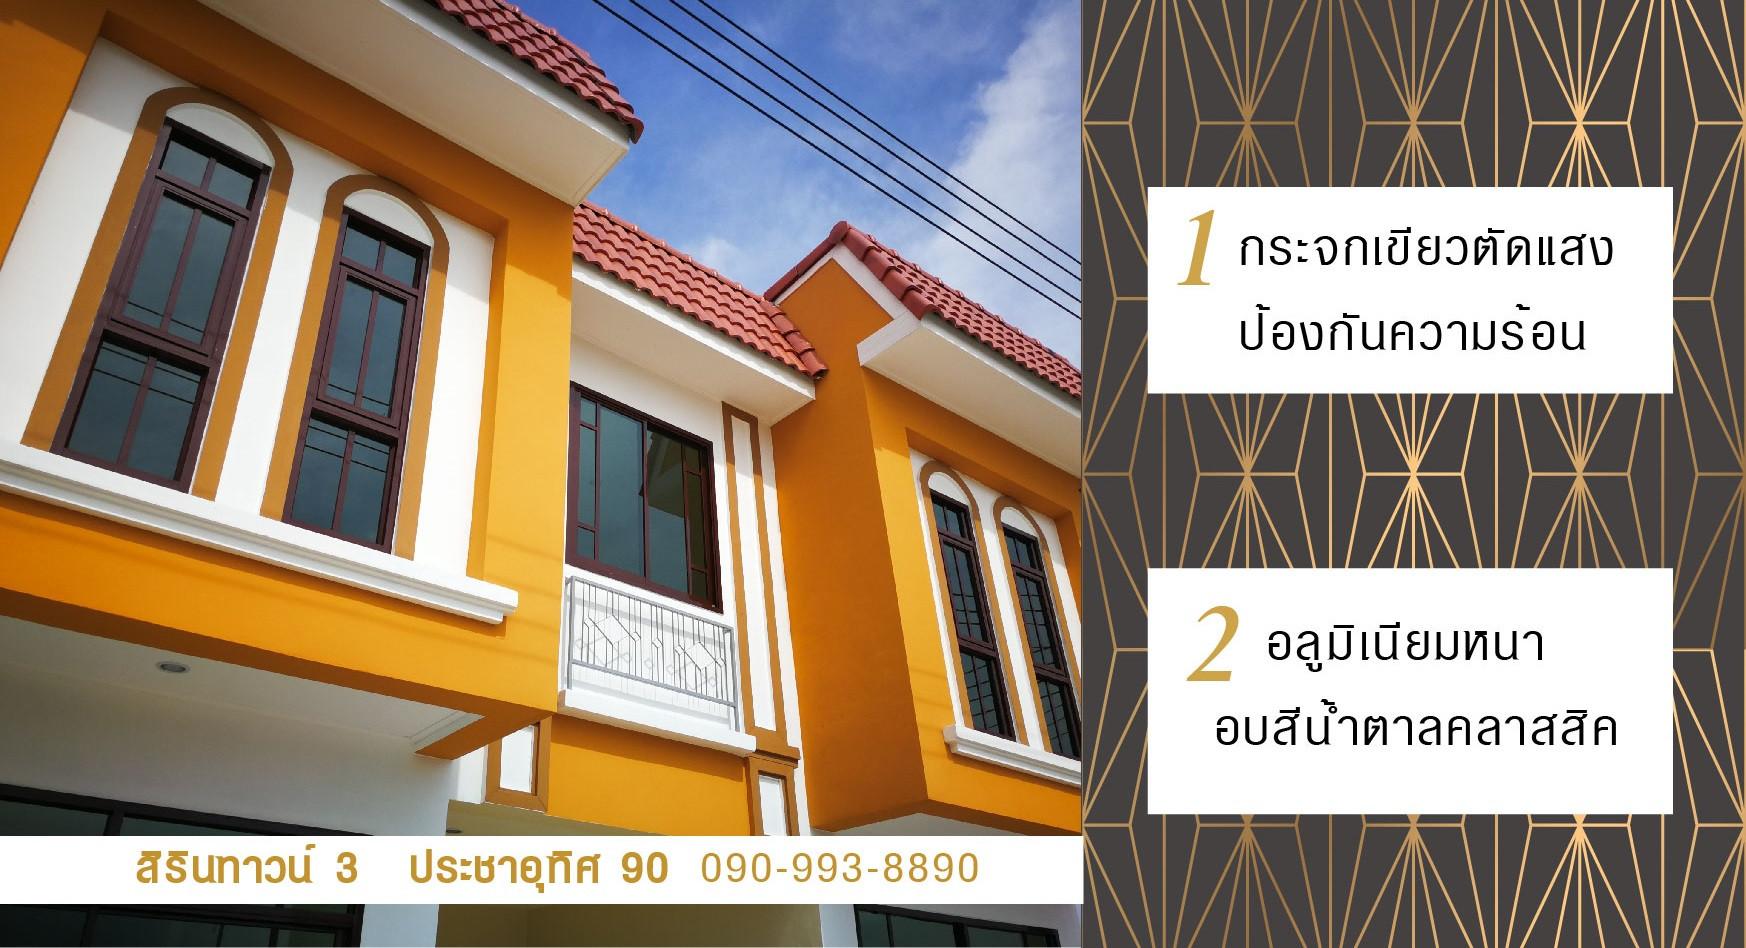 fb090261-01.jpg